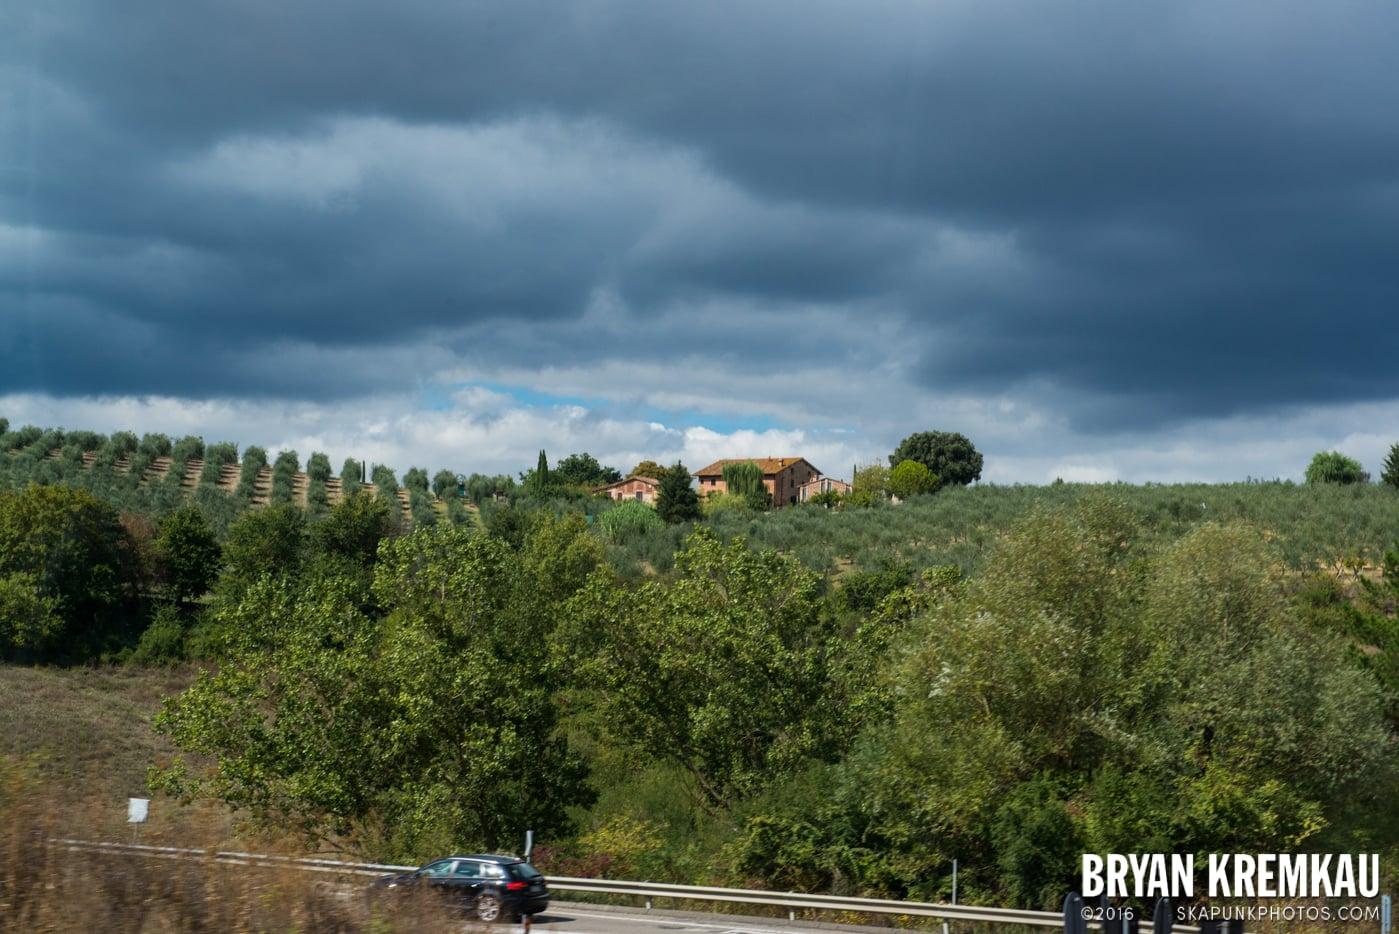 Italy Vacation - Day 8: Siena, San Gimignano, Chianti, Pisa - 9.16.13 (112)